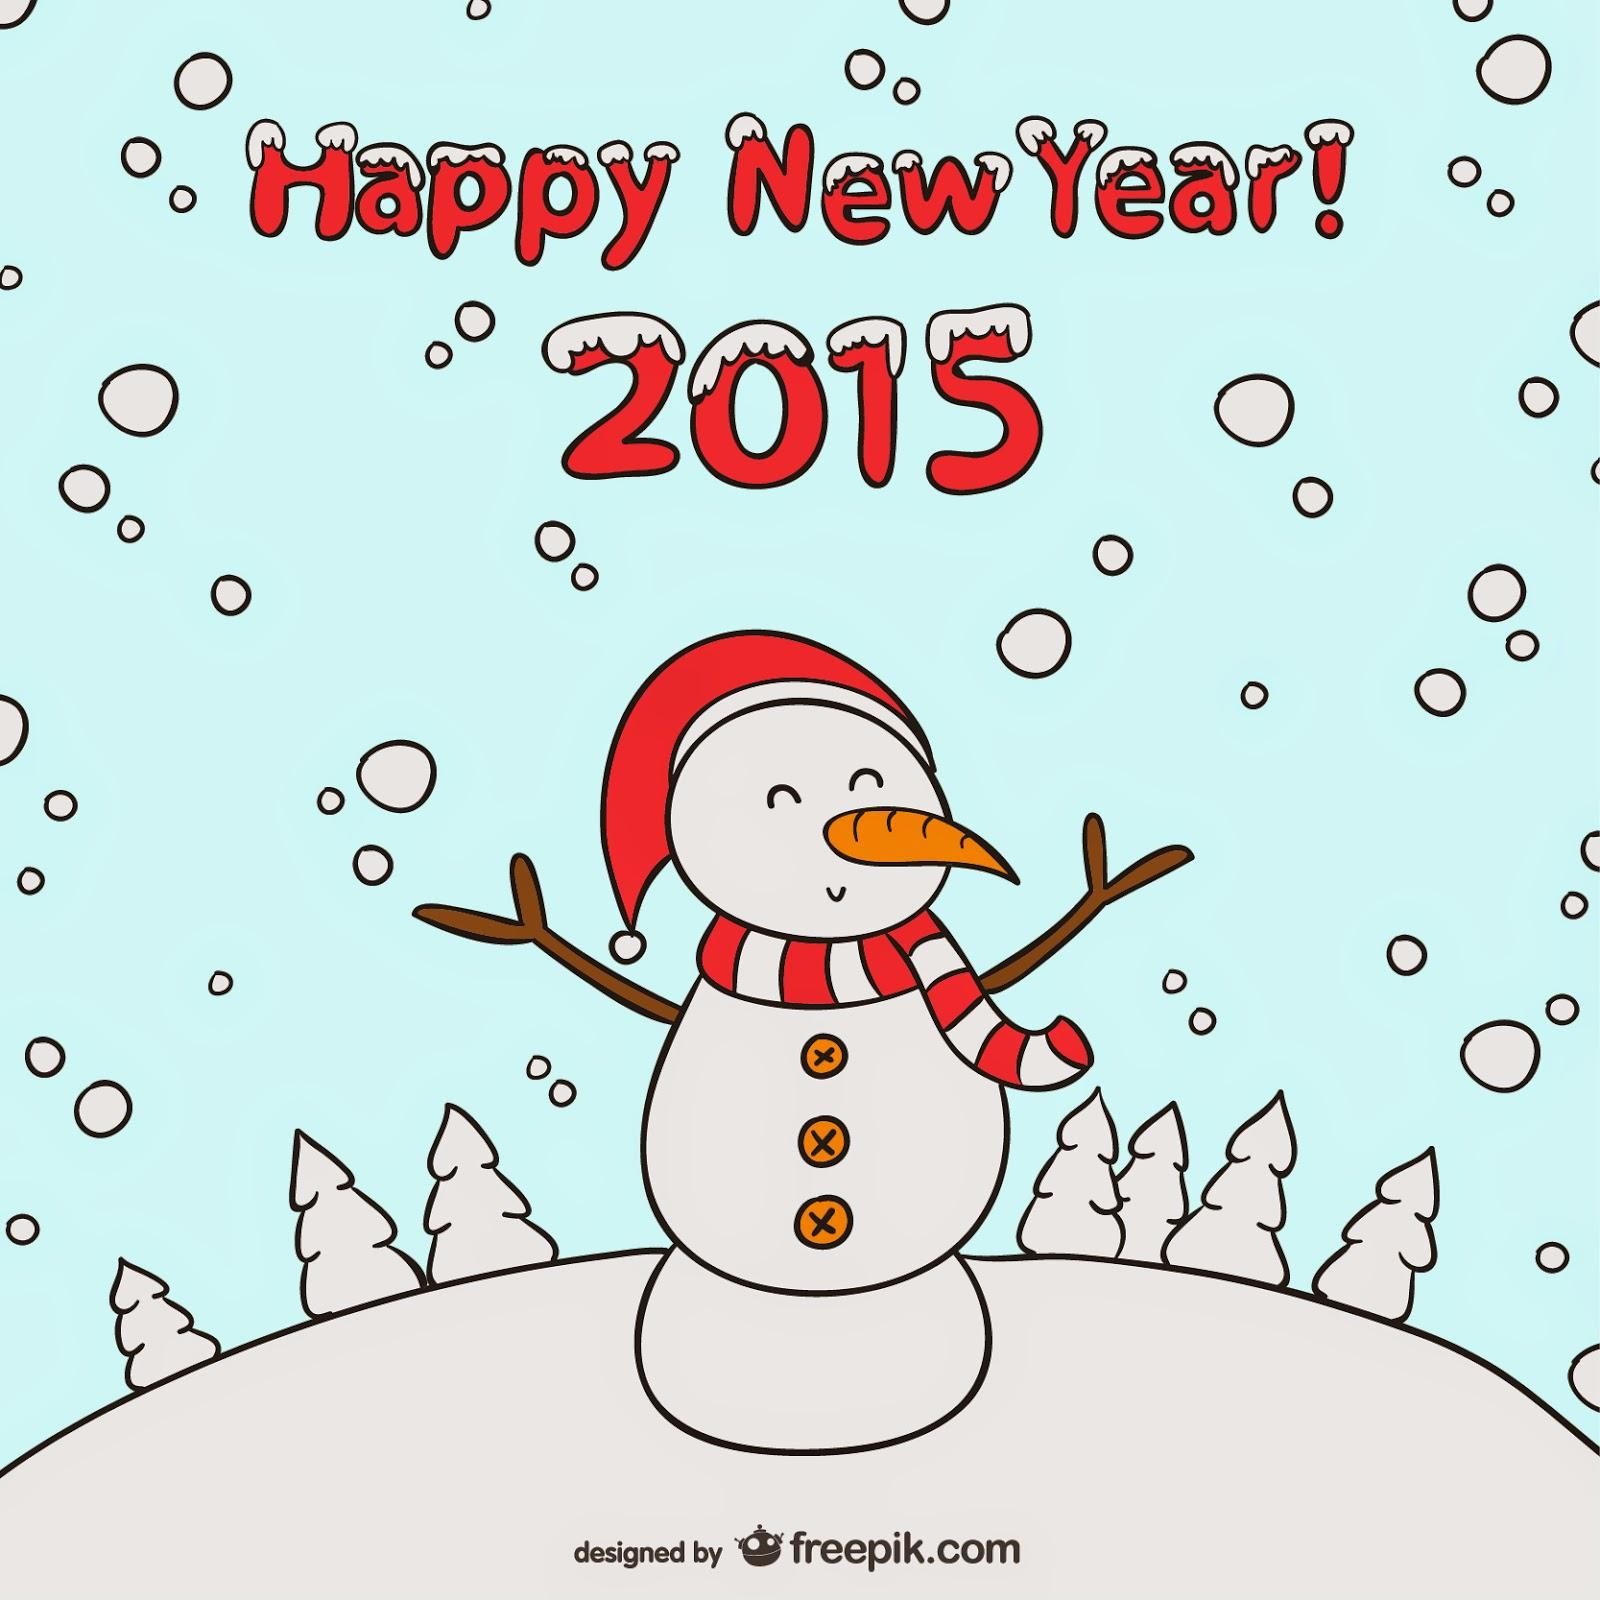 """<a href=""""http://www.freepik.es/fotos-vectores-gratis/navidad"""">Vector de Navidad diseñado por Freepik</a>"""